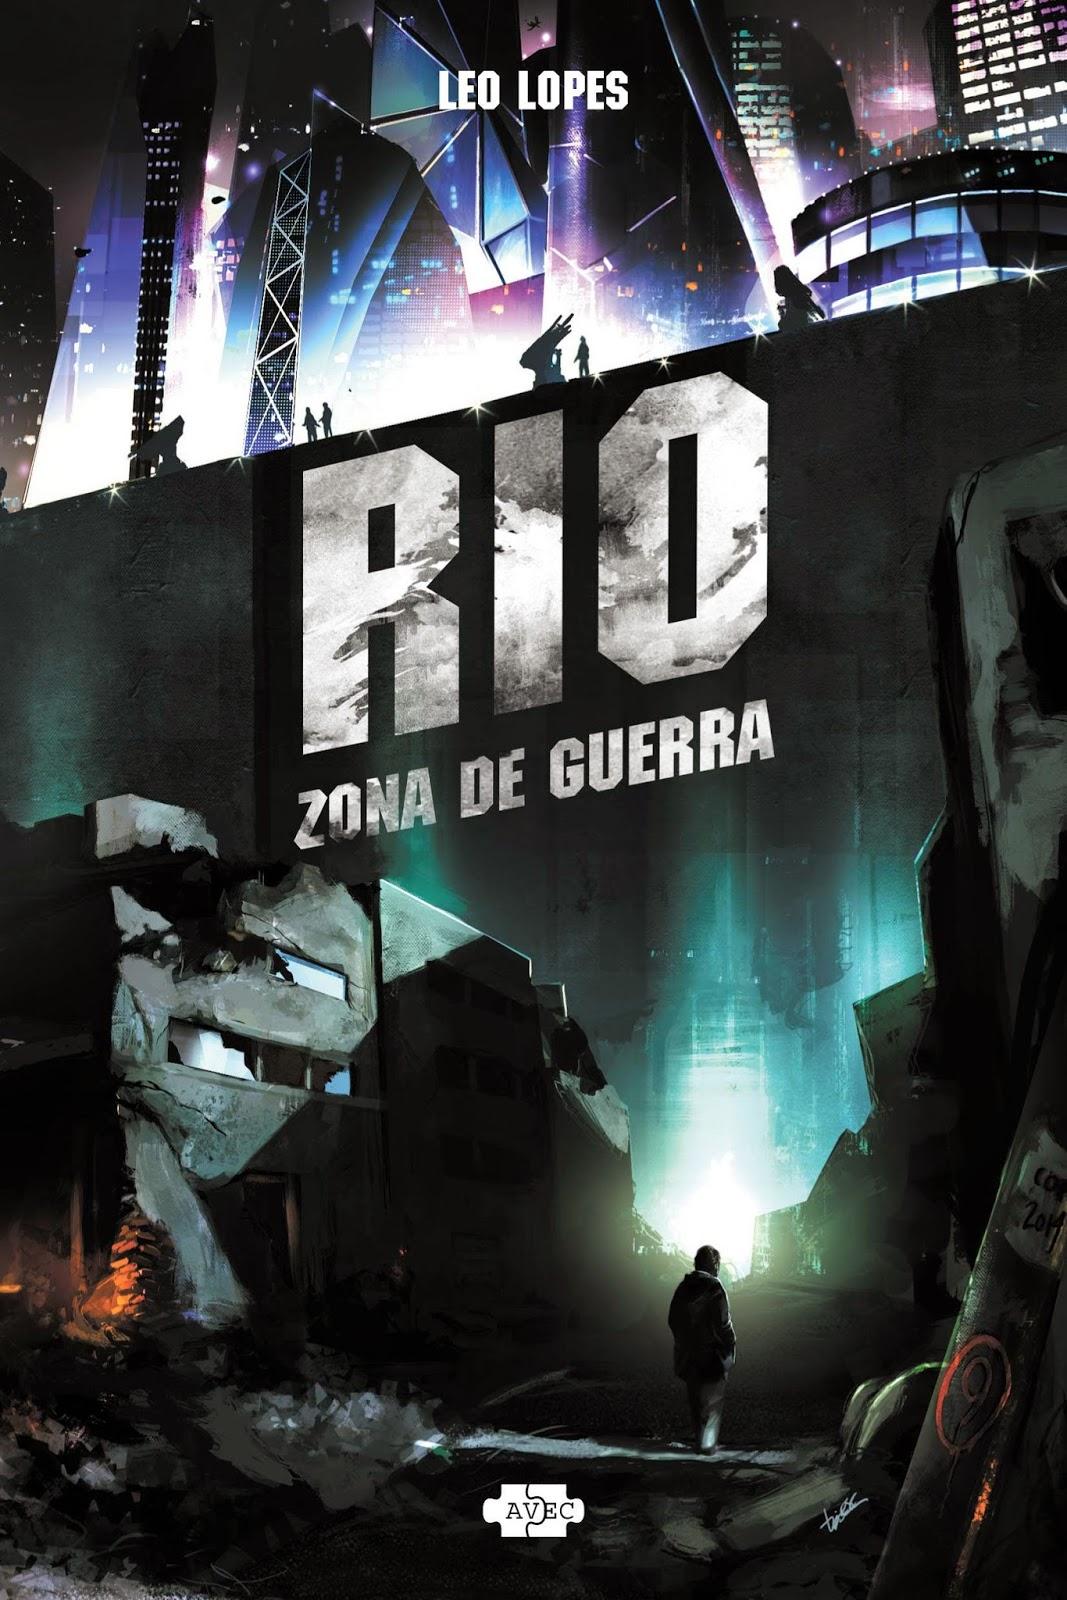 http://surtosliterarios.blogspot.com.br/2014/08/resenha-rio-zona-de-guerra.html